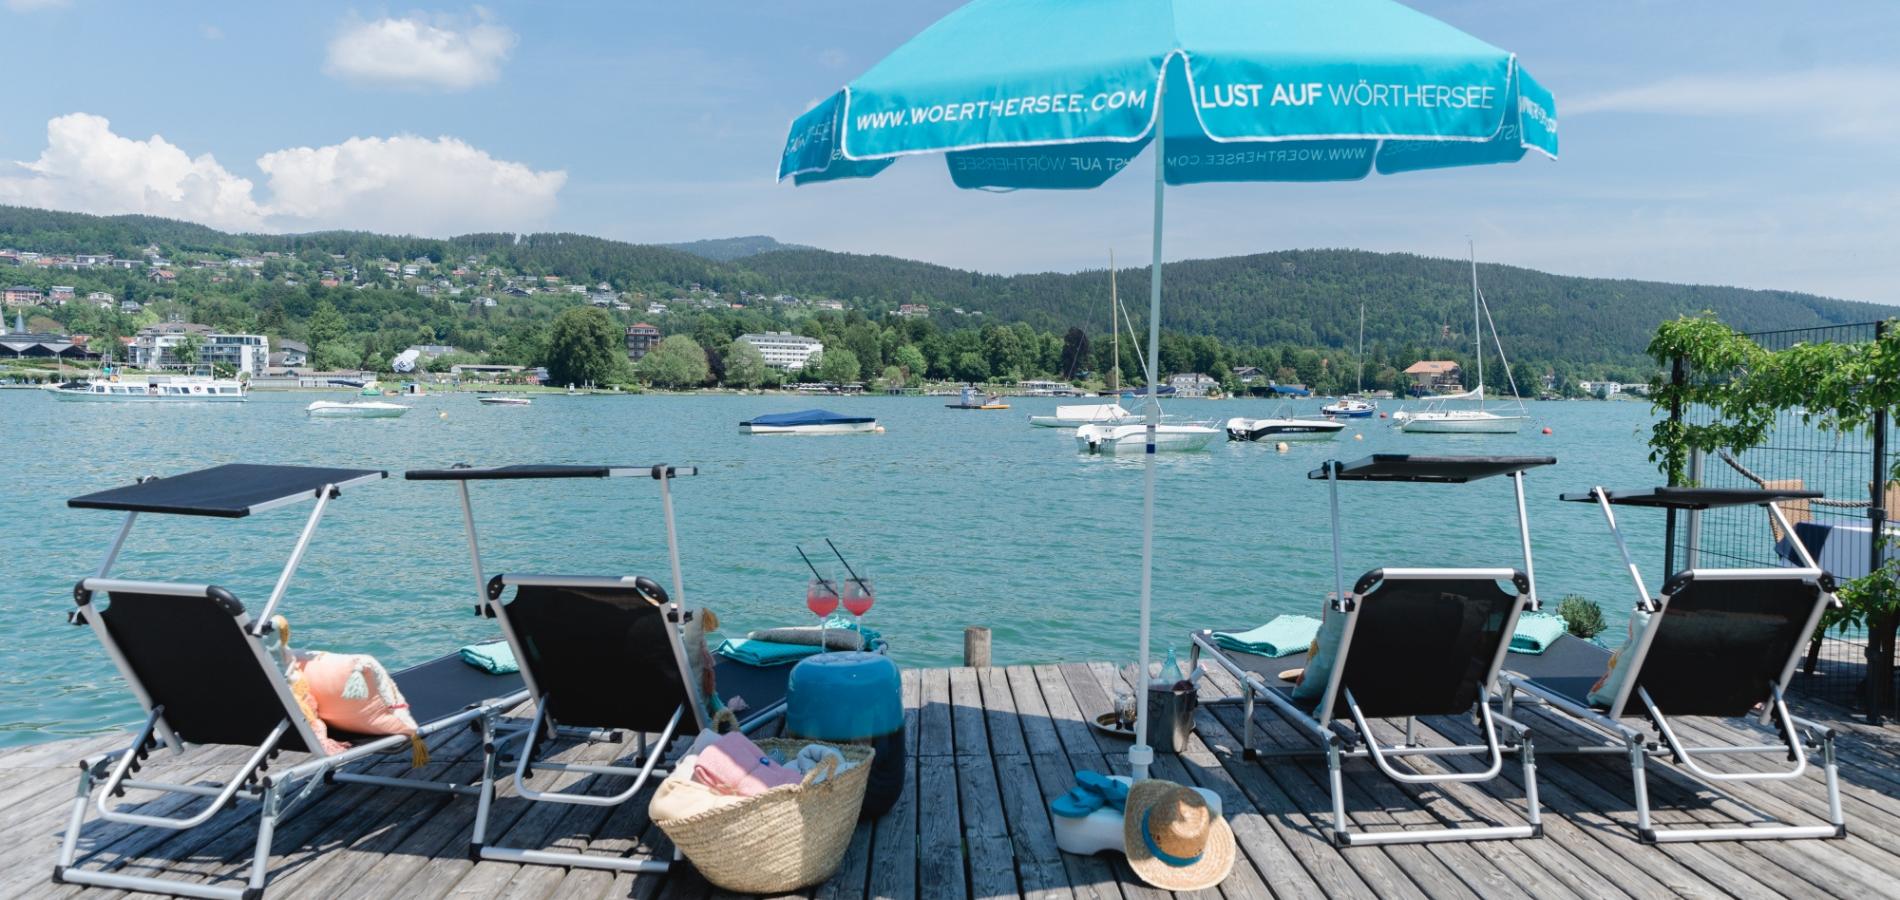 Privaten Badestrand mieten in Velden am Wörthersee Kärnten bei Seebnb